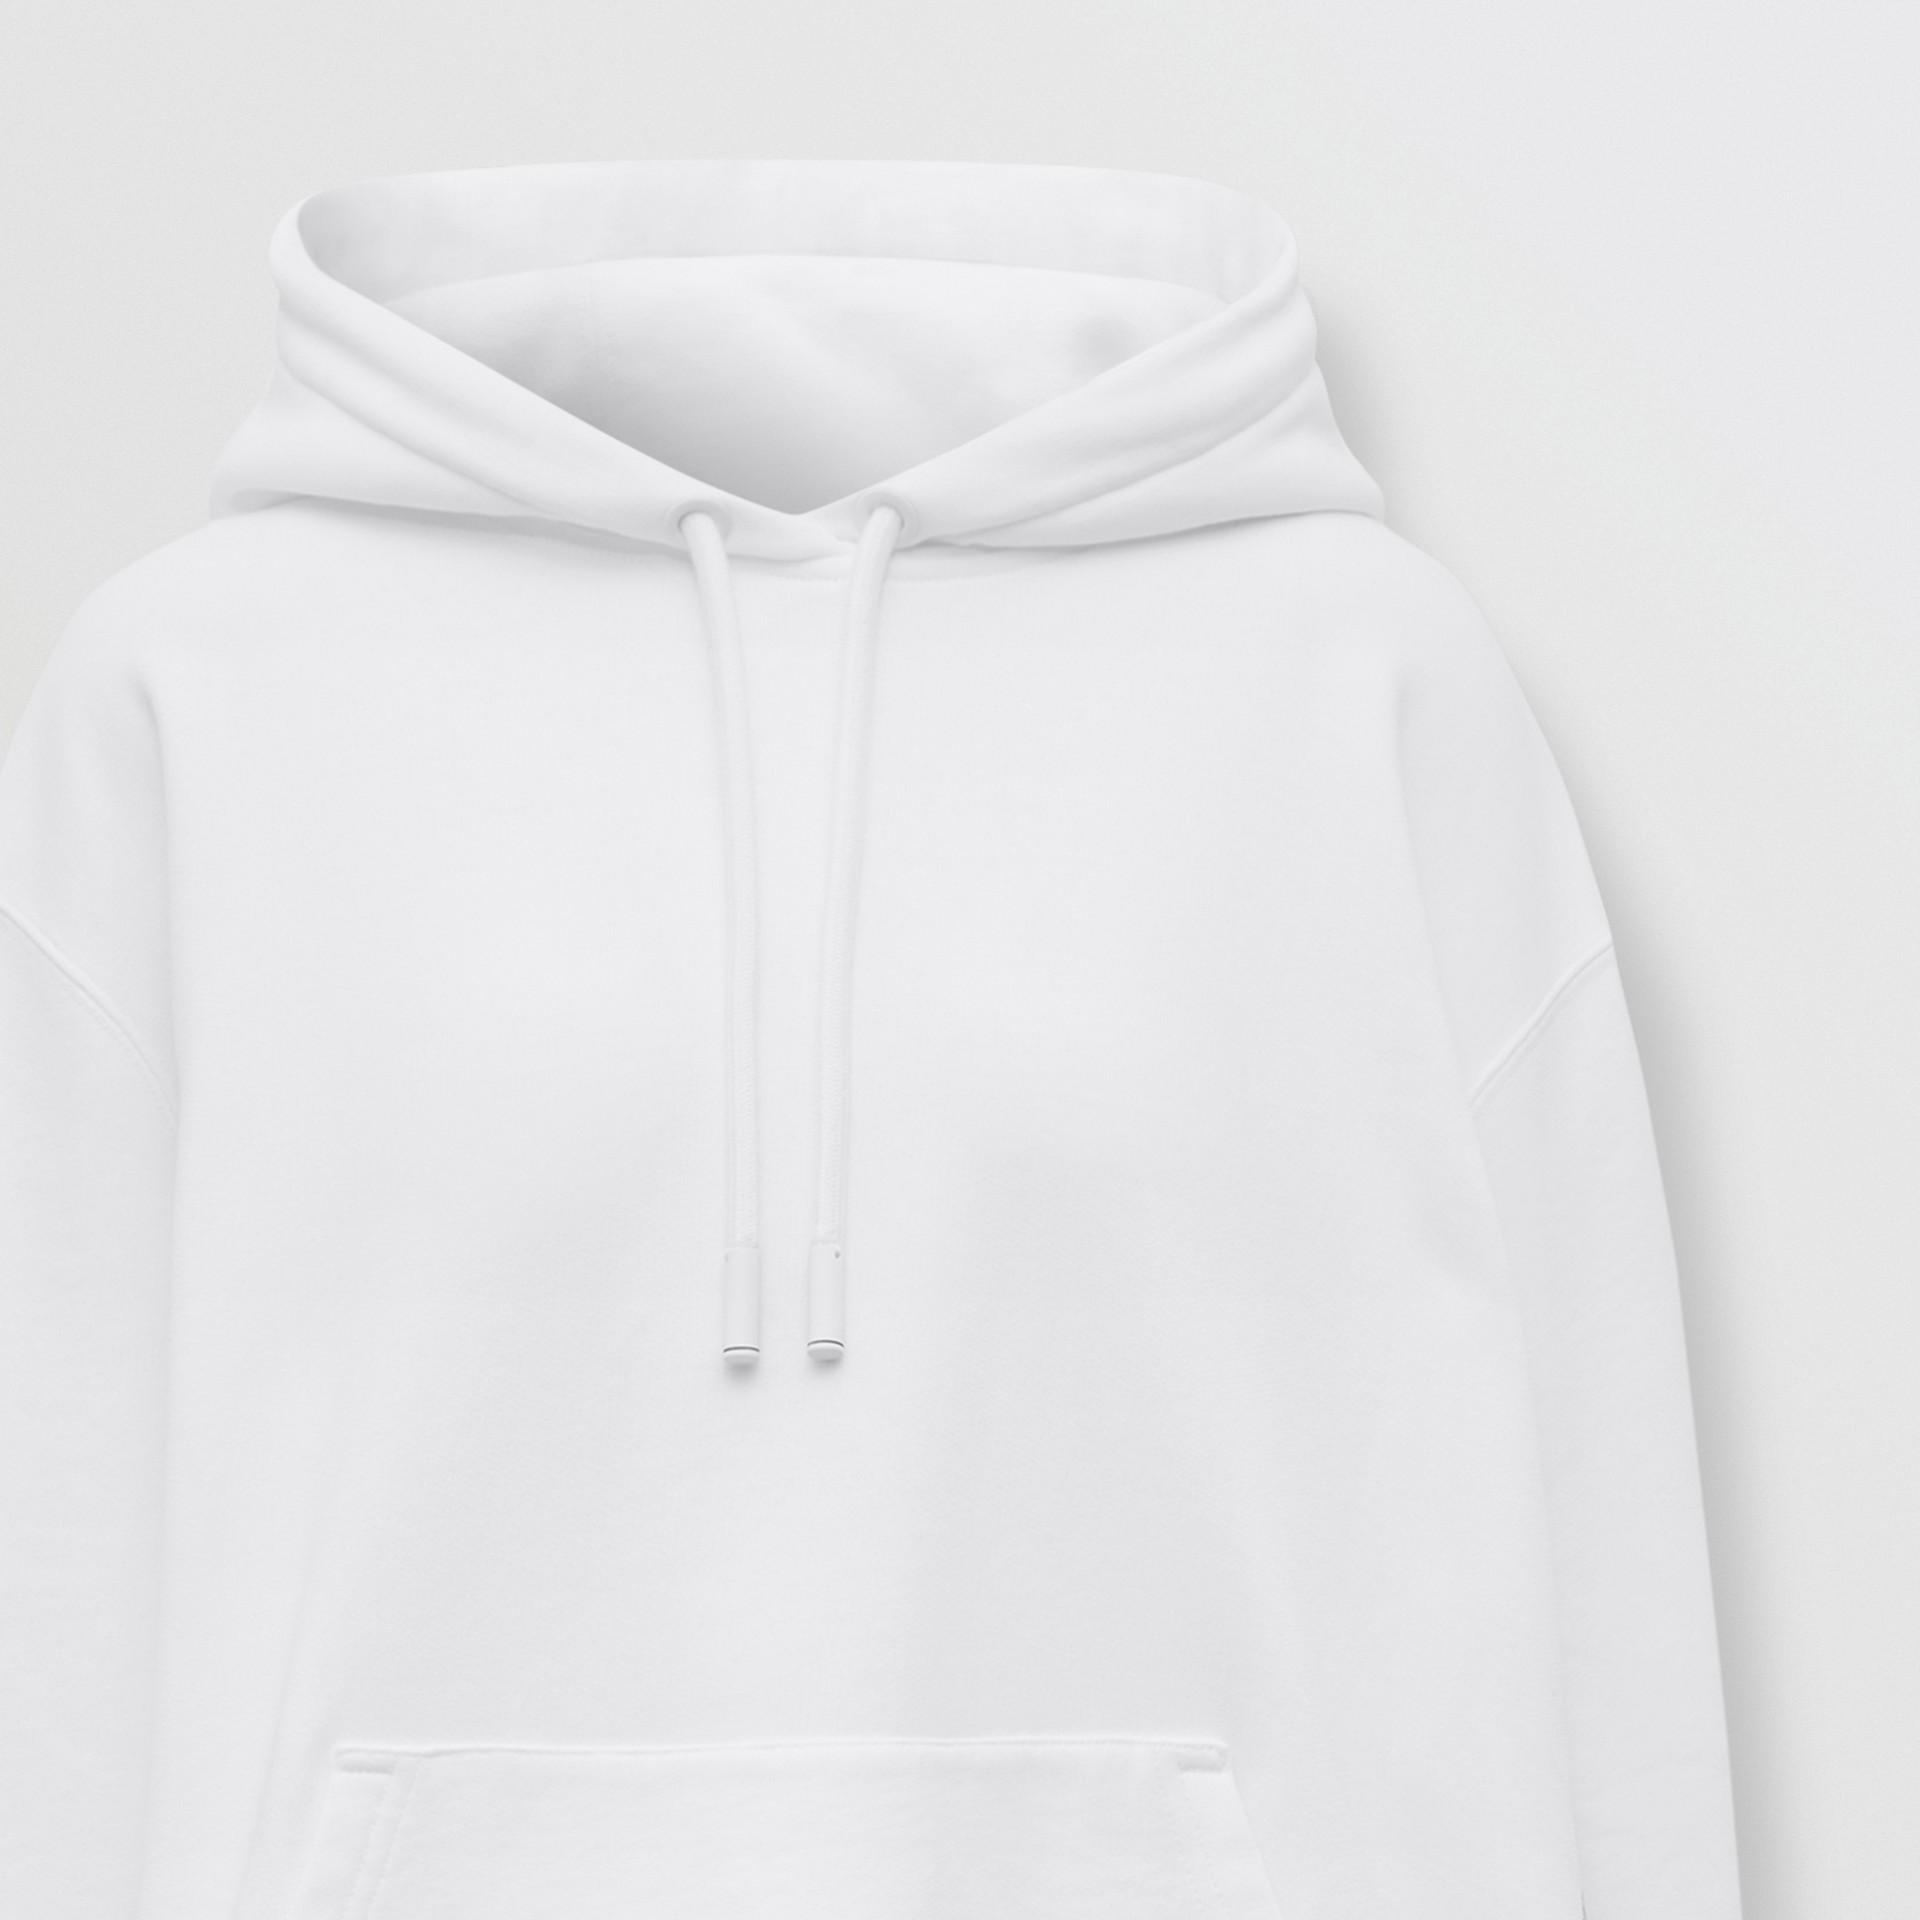 Sweat-shirt à capuche oversize en coton avec coordonnées (Blanc) - Femme | Burberry - photo de la galerie 6